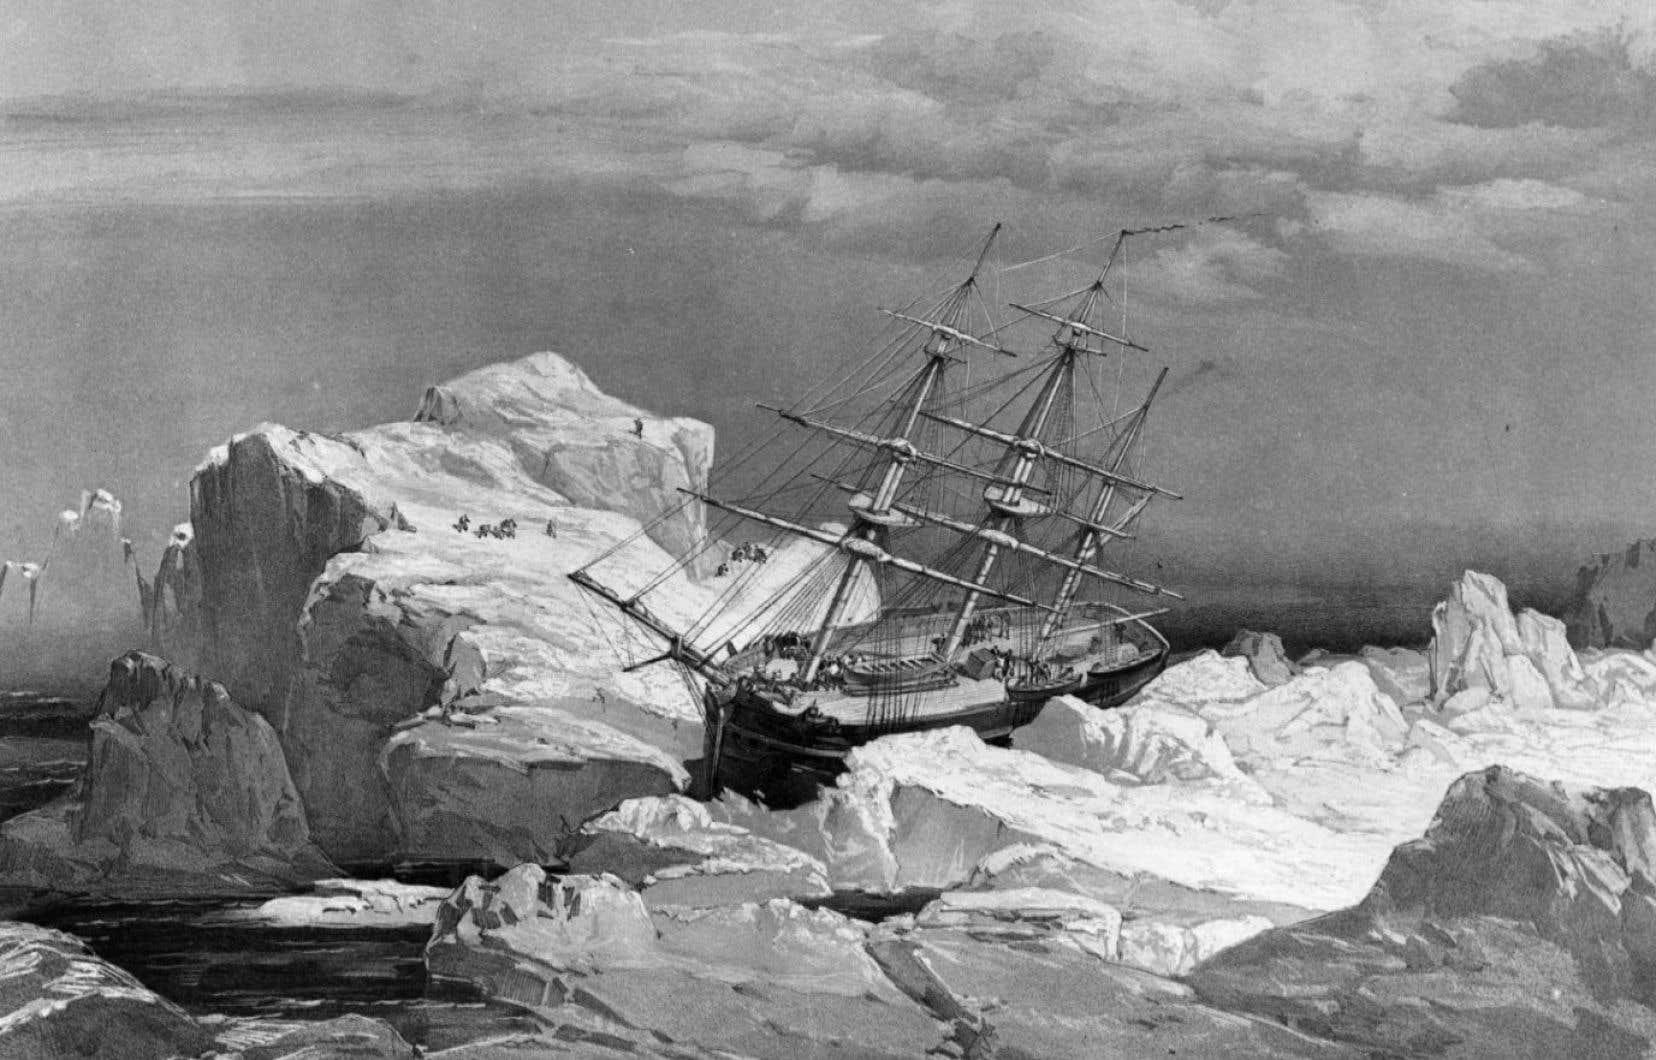 Le HMS «Investigator», dessiné ici en 1851, avait été lancé à la recherche des navires de l'expédition Franklin.